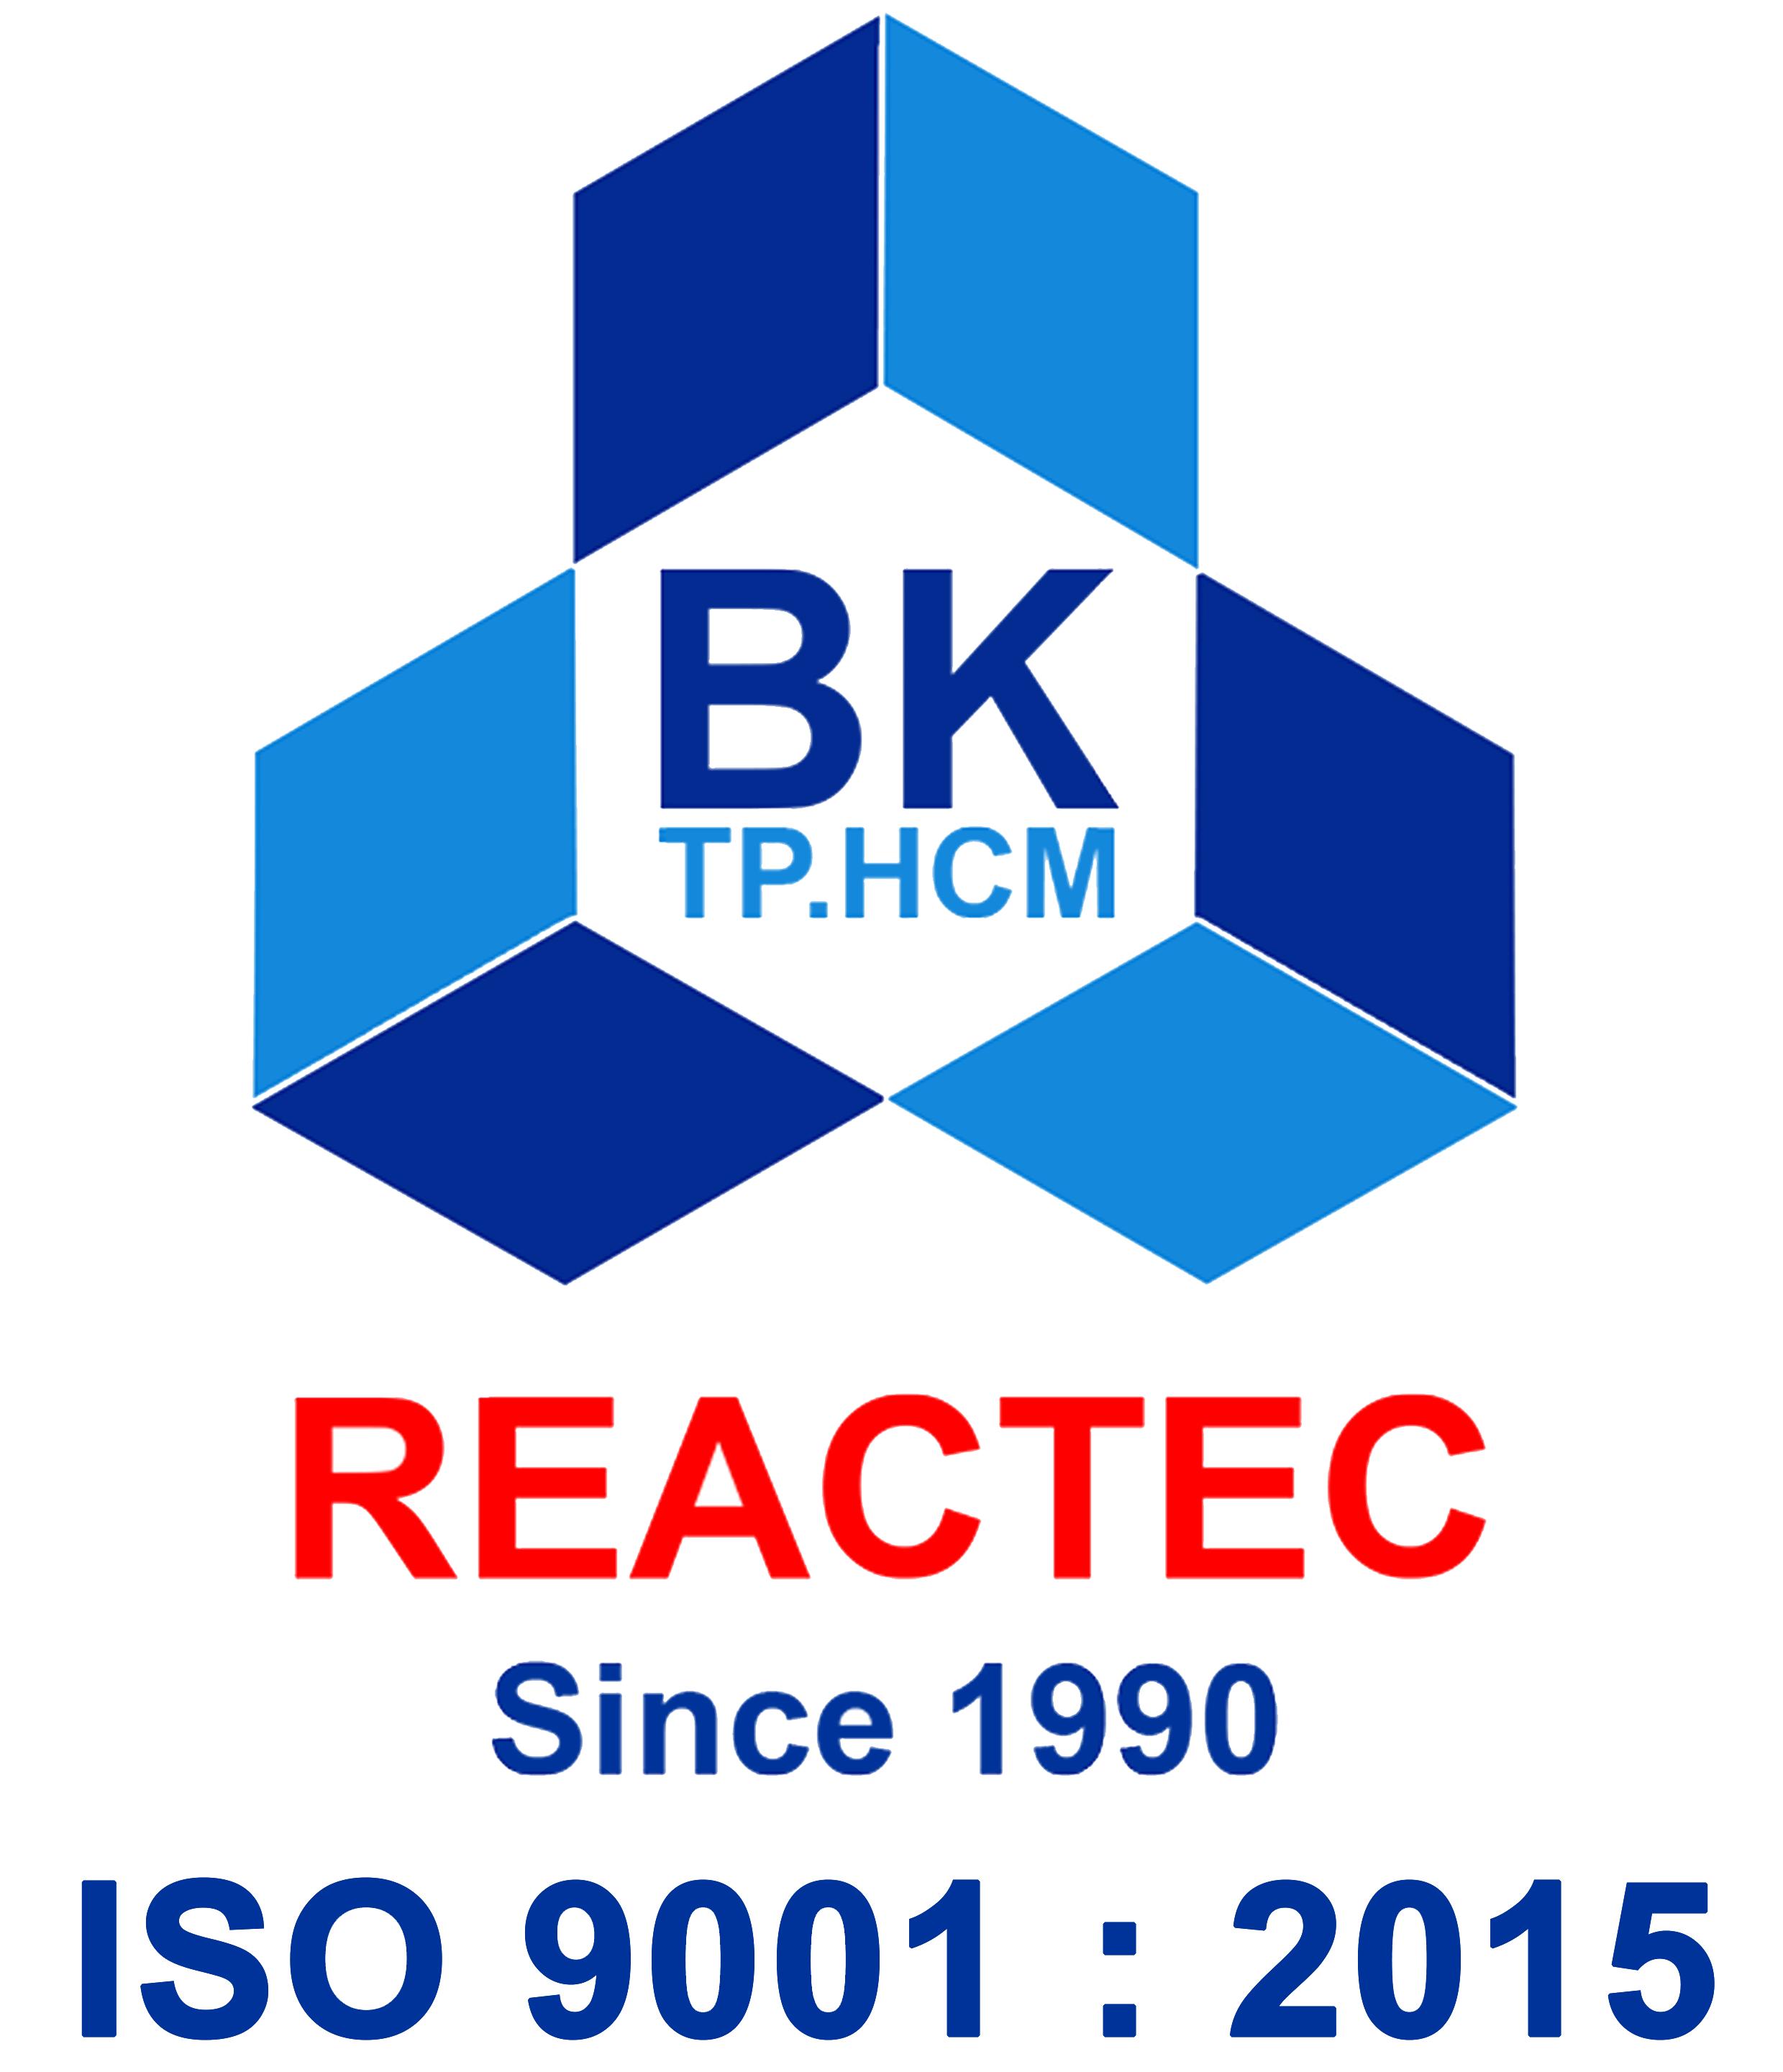 REACTEC